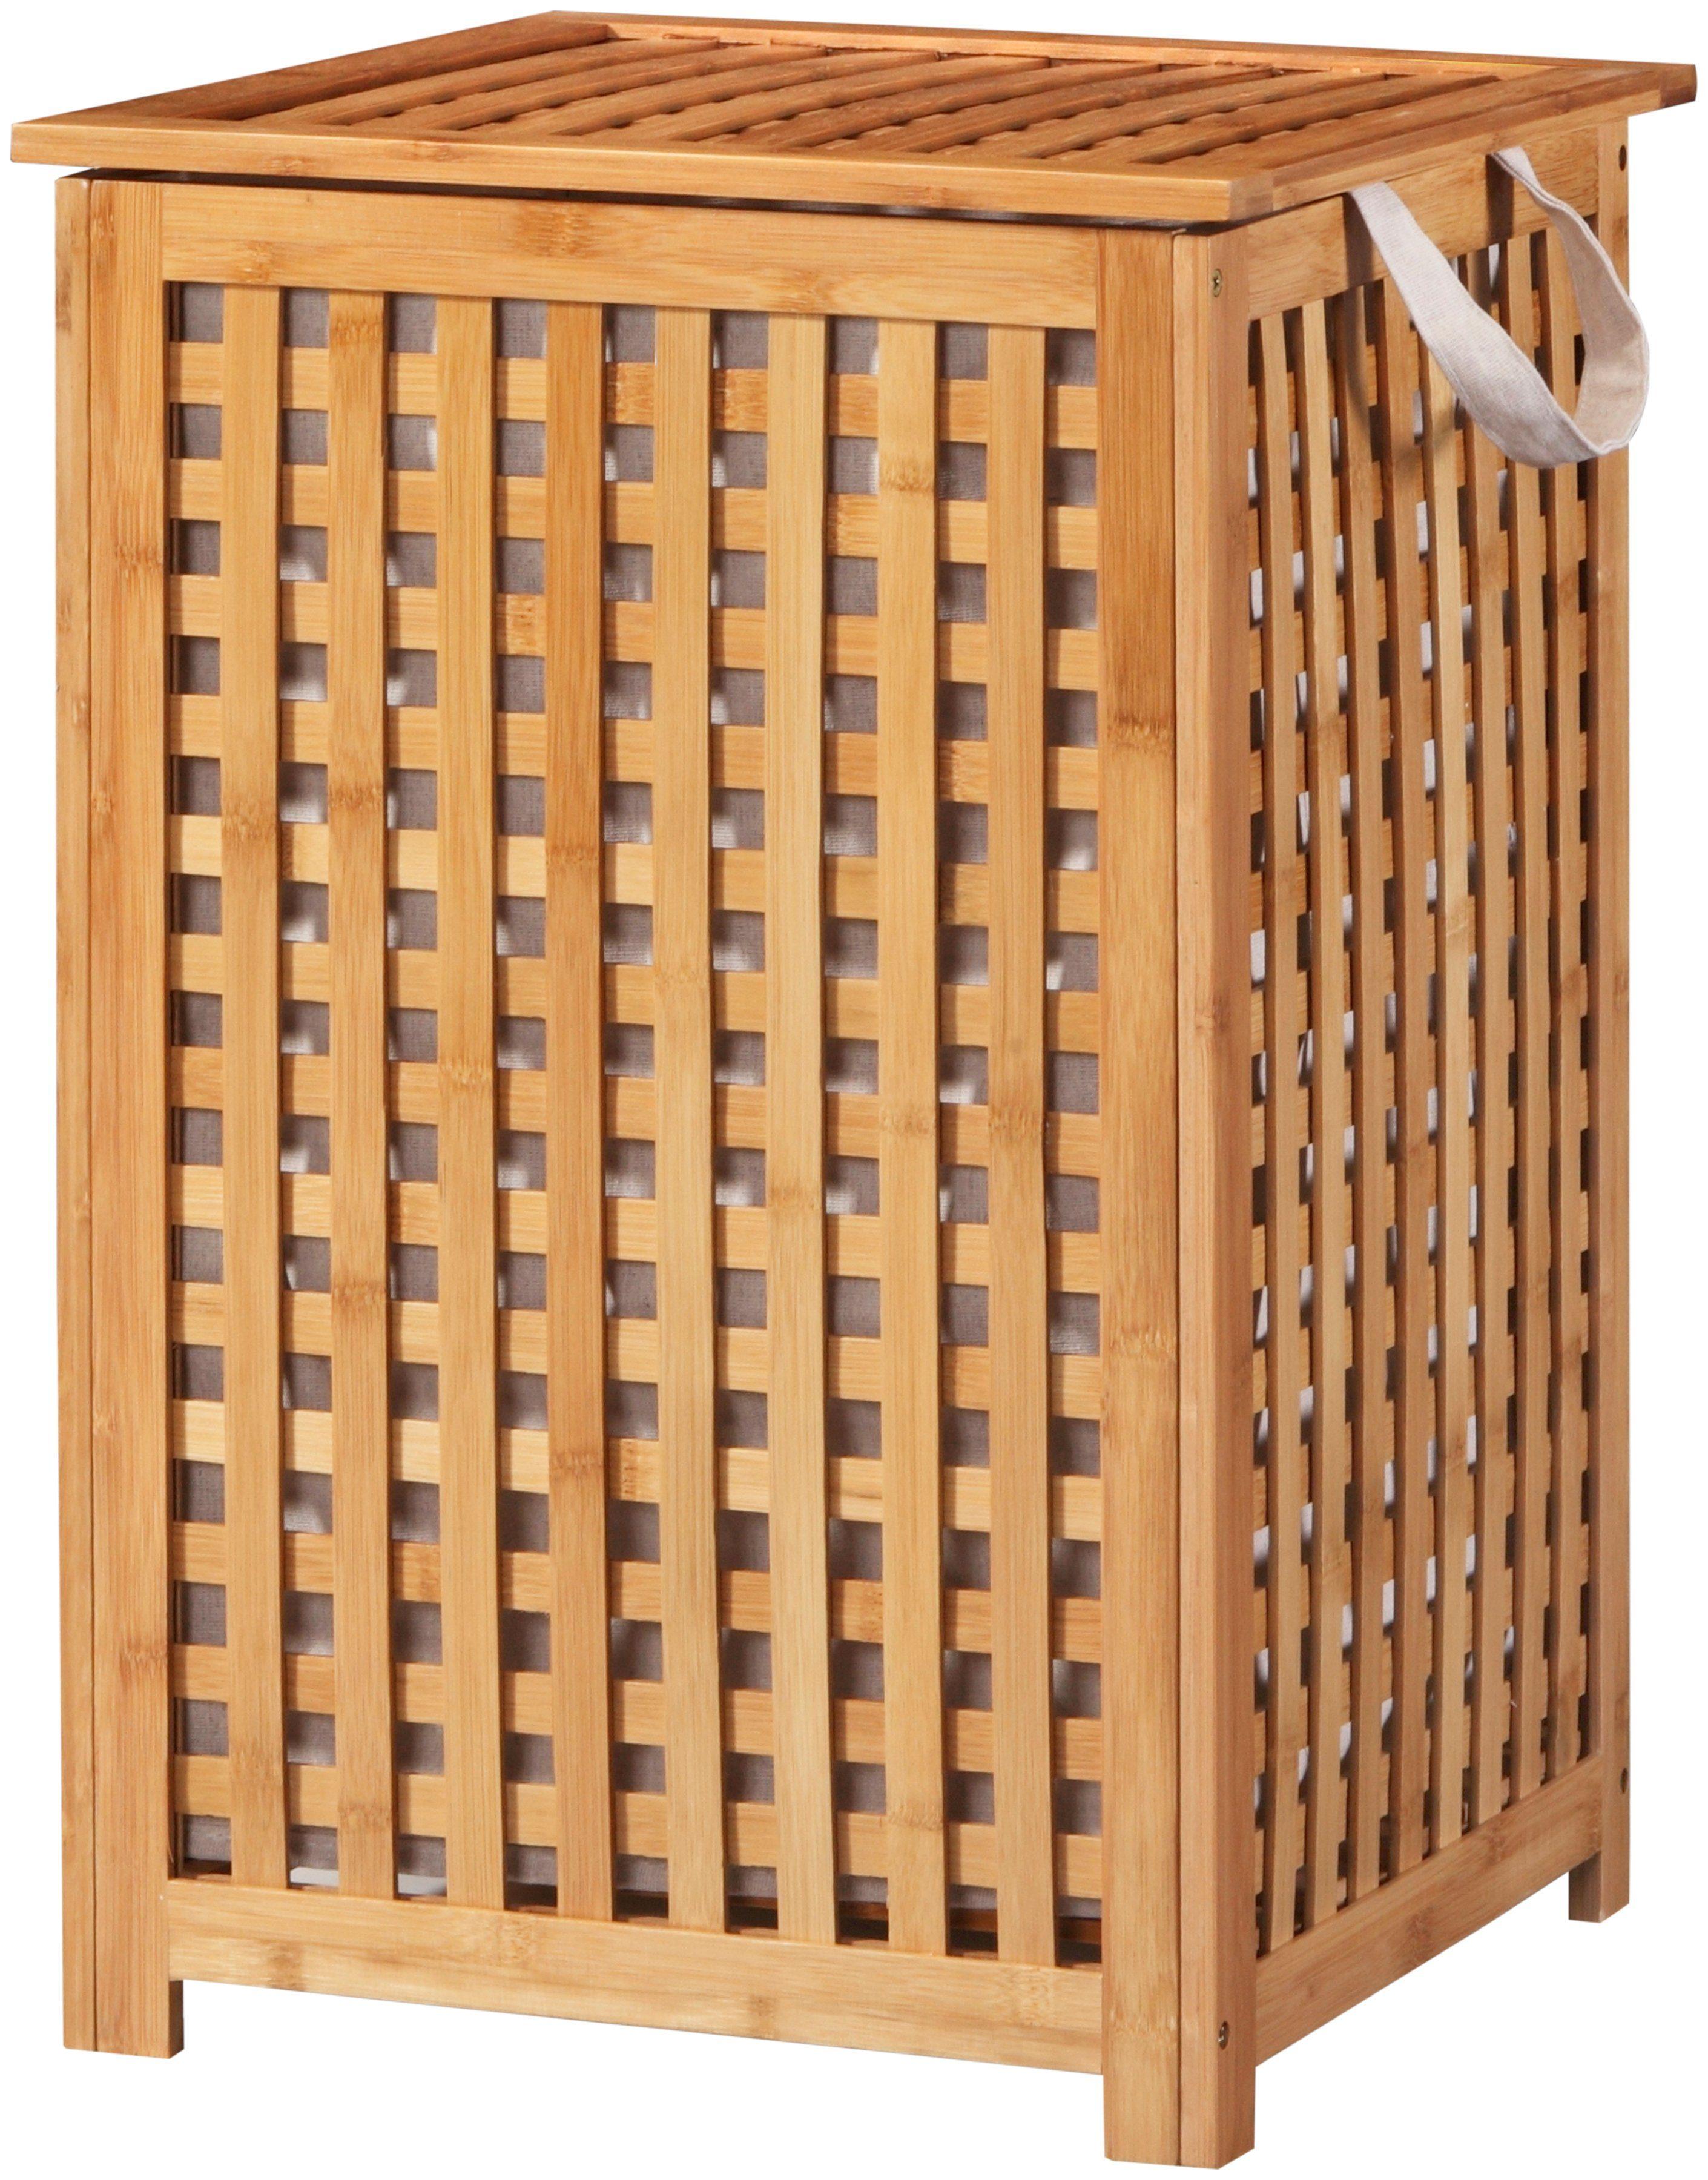 KONIFERA Wäschekorb »Bambus«, Wäschebox, 40 cm breit